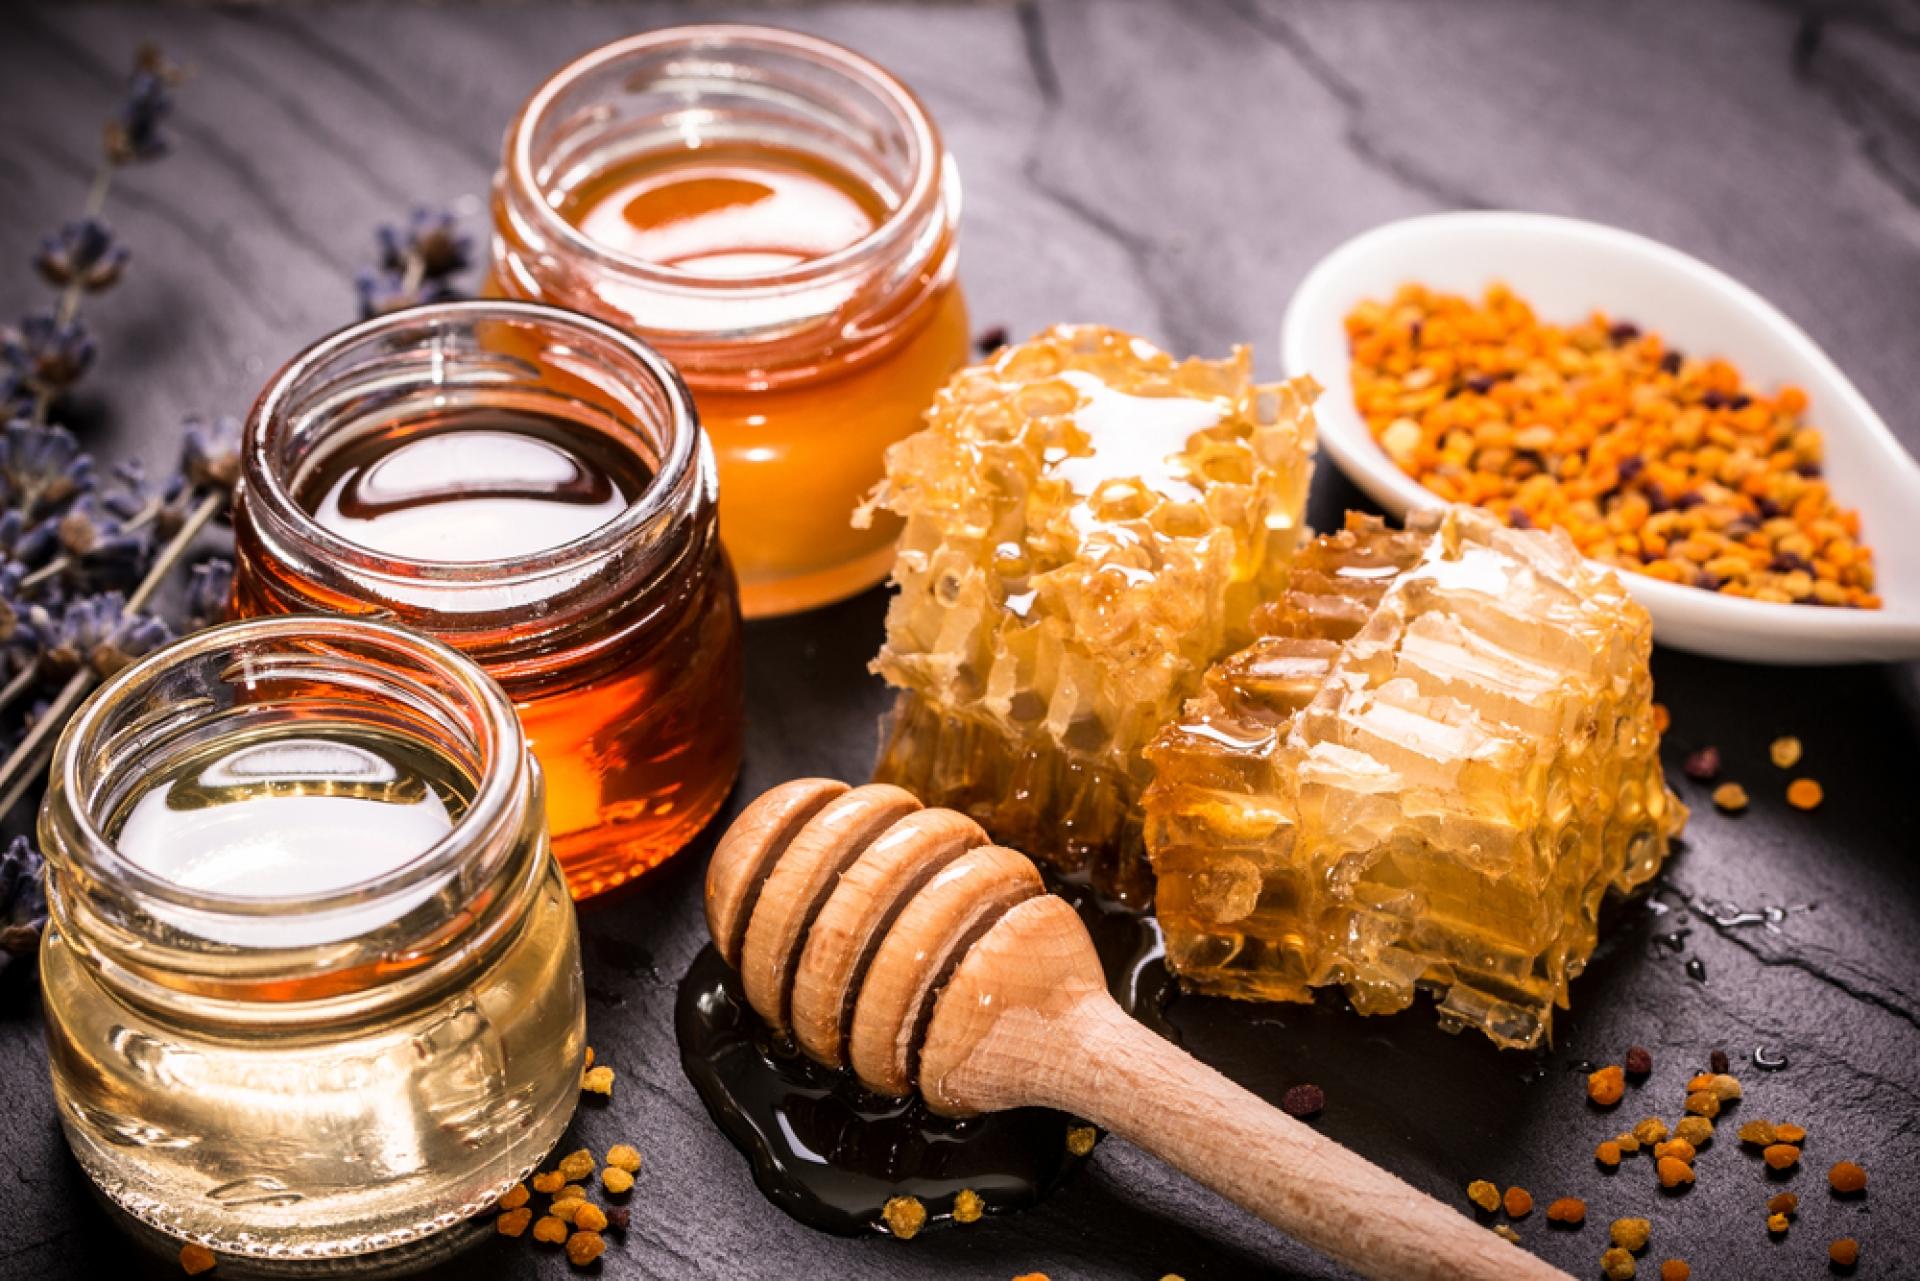 Le miel, un remède efficace contre l'hypertension artérielle